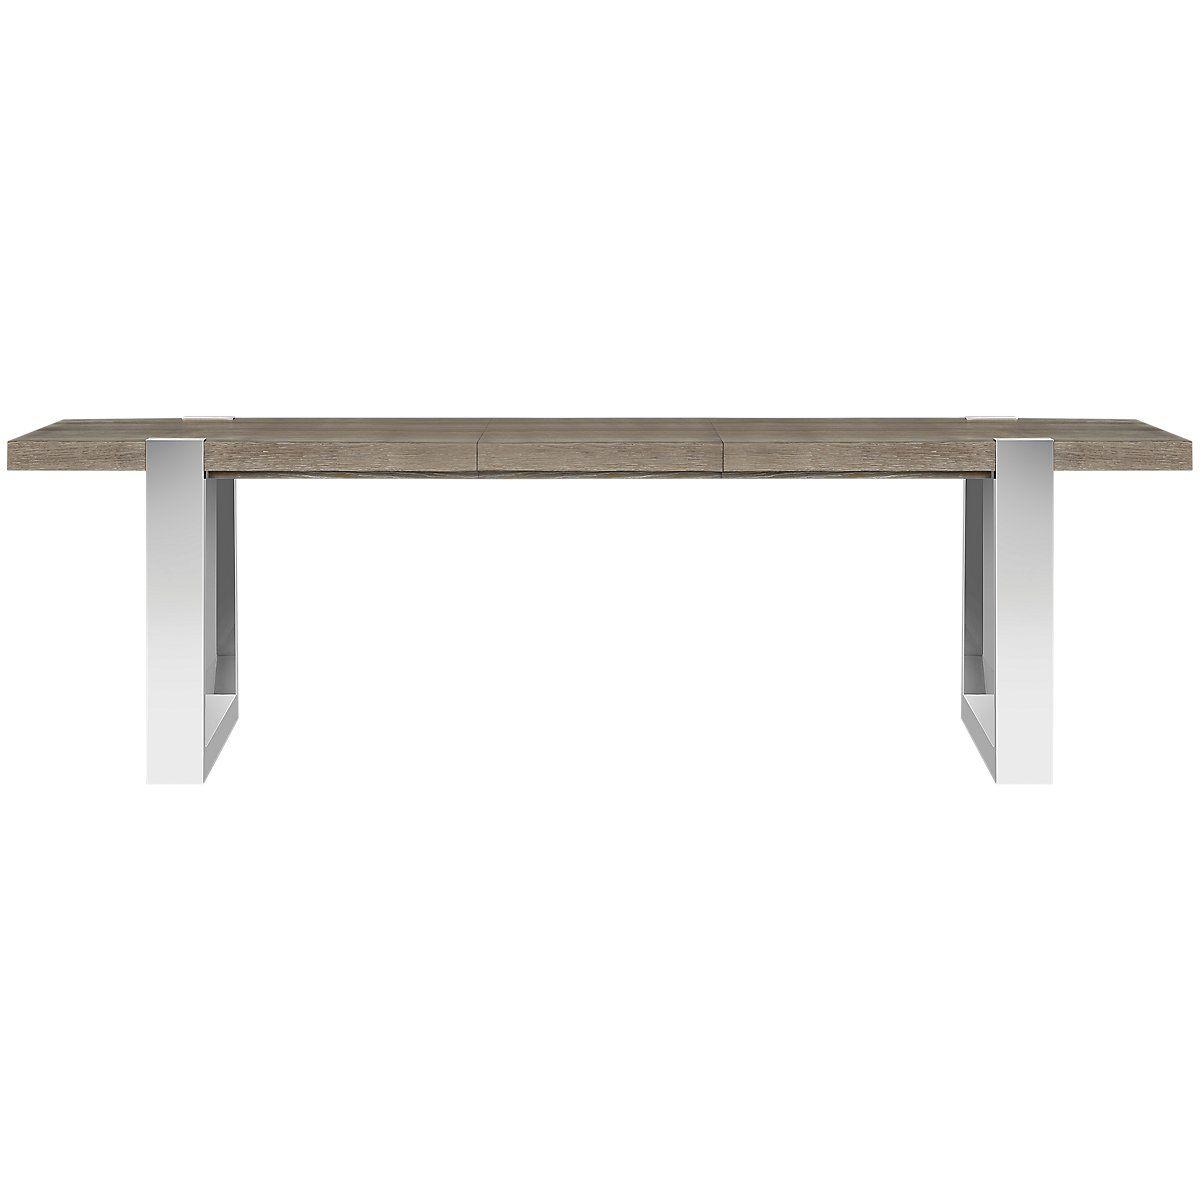 City Furniture Berlin Light Tone Rectangular Table Rectangular